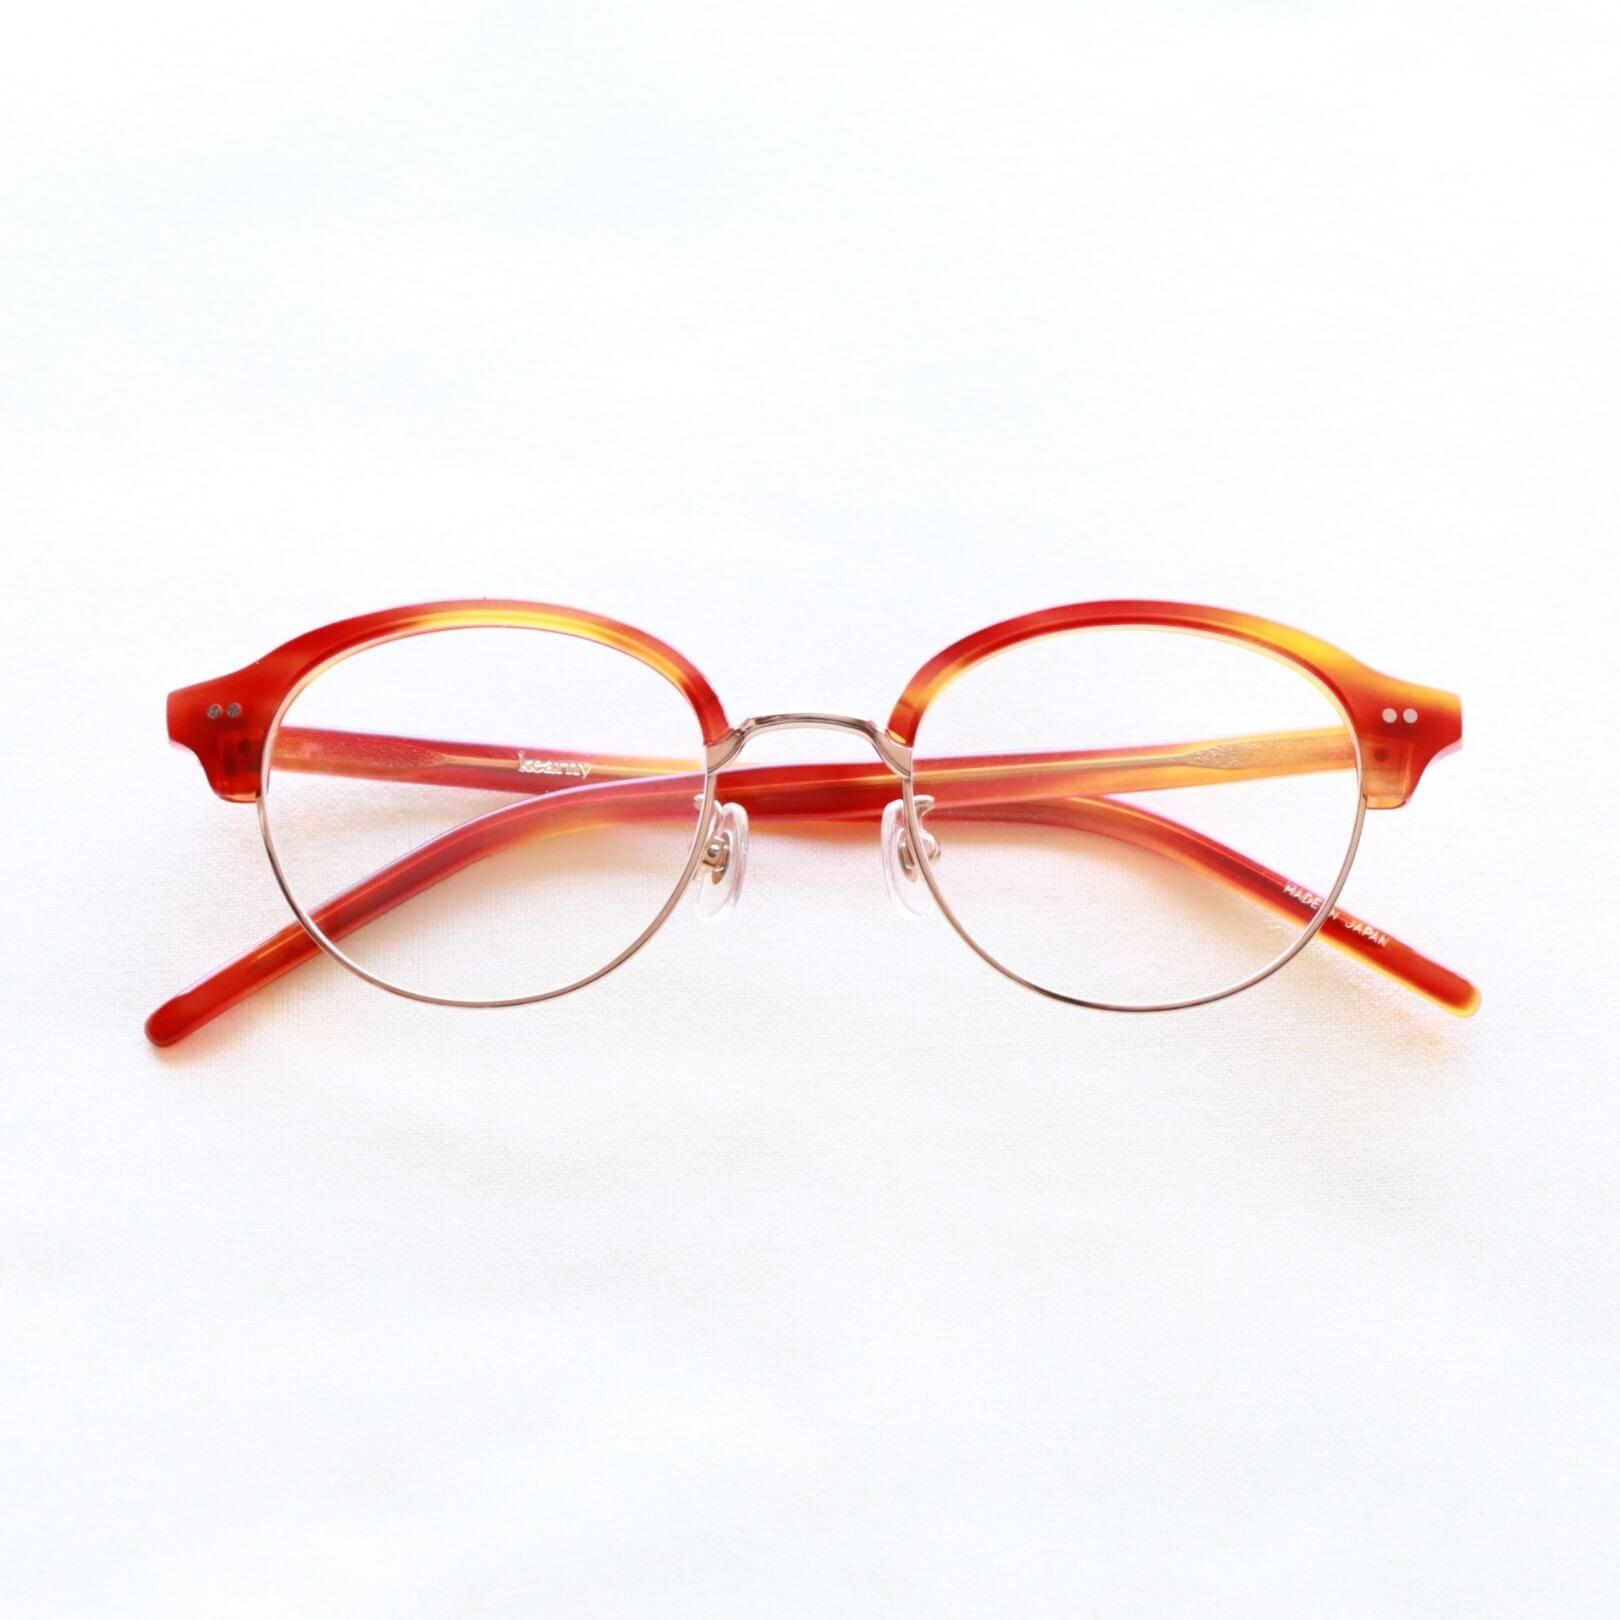 セルロイド眼鏡 kearny カーニー sirmont brow サーモントブロー